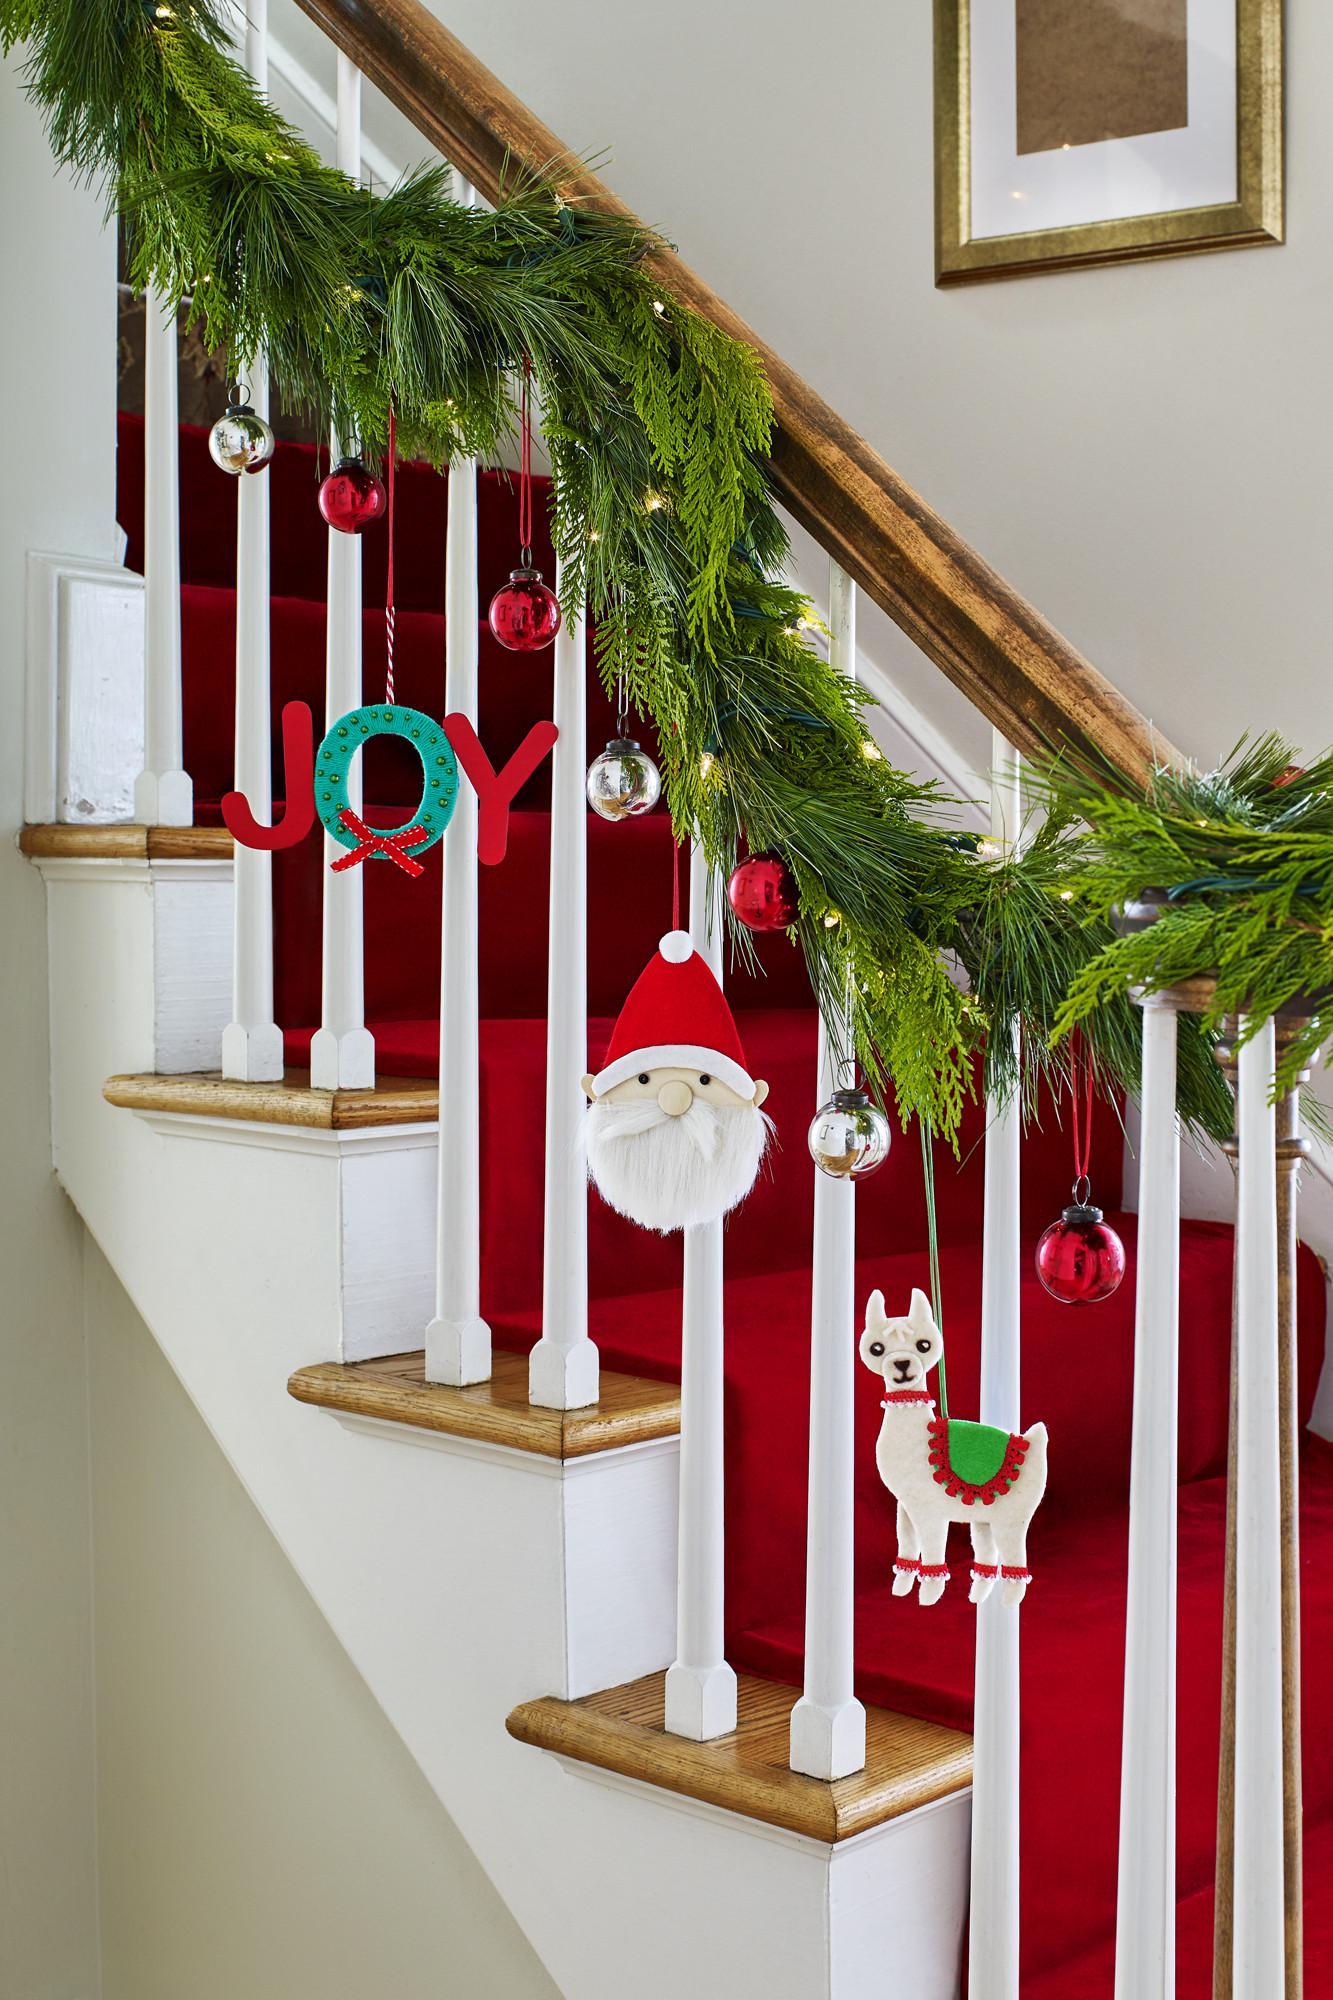 DIY Christmas Decorations  32 Homemade DIY Christmas Ornament Craft Ideas How To